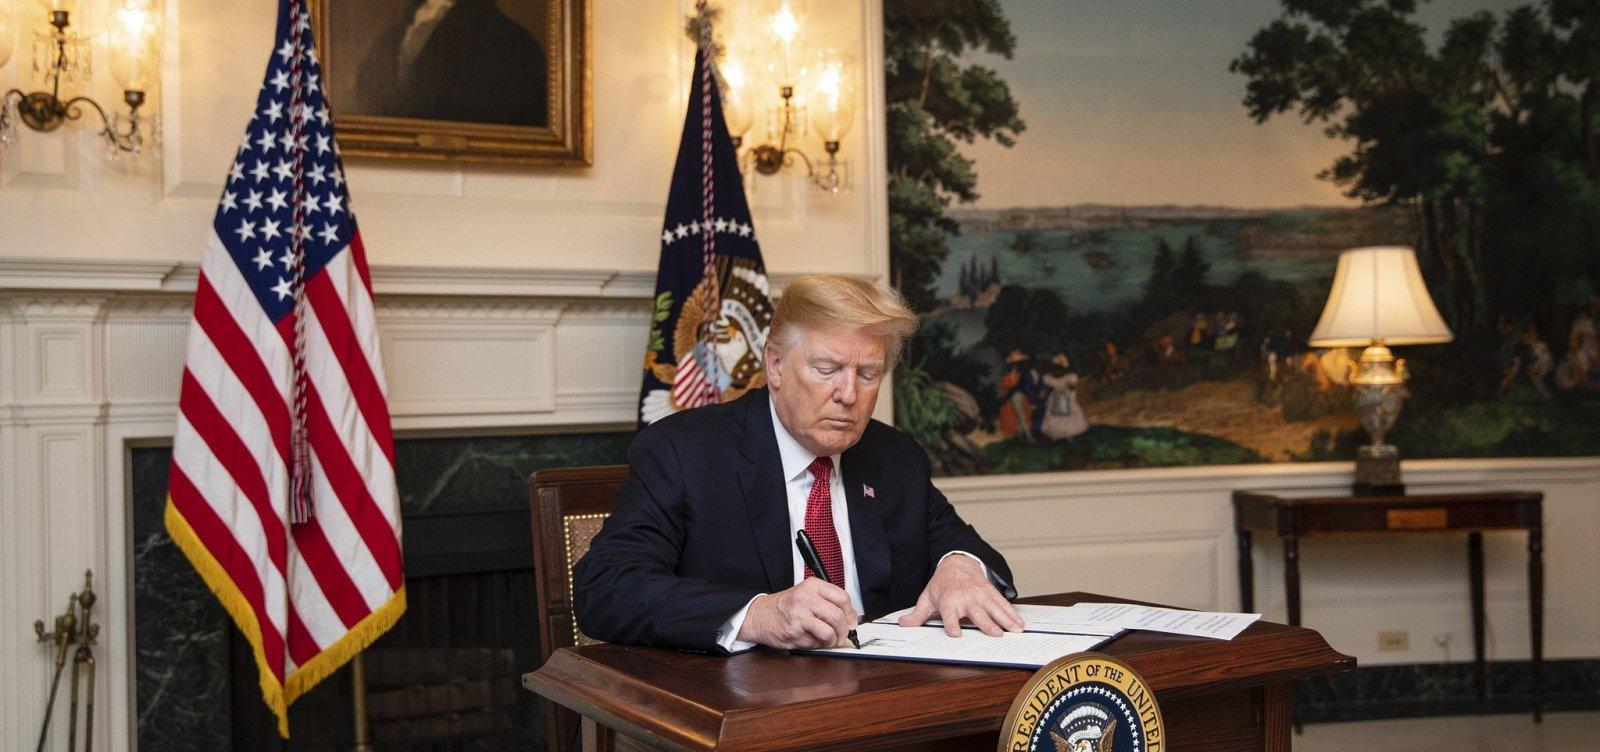 Trump assina ordem imigratória que impedirá imigrantes ilegais de pedir asilo